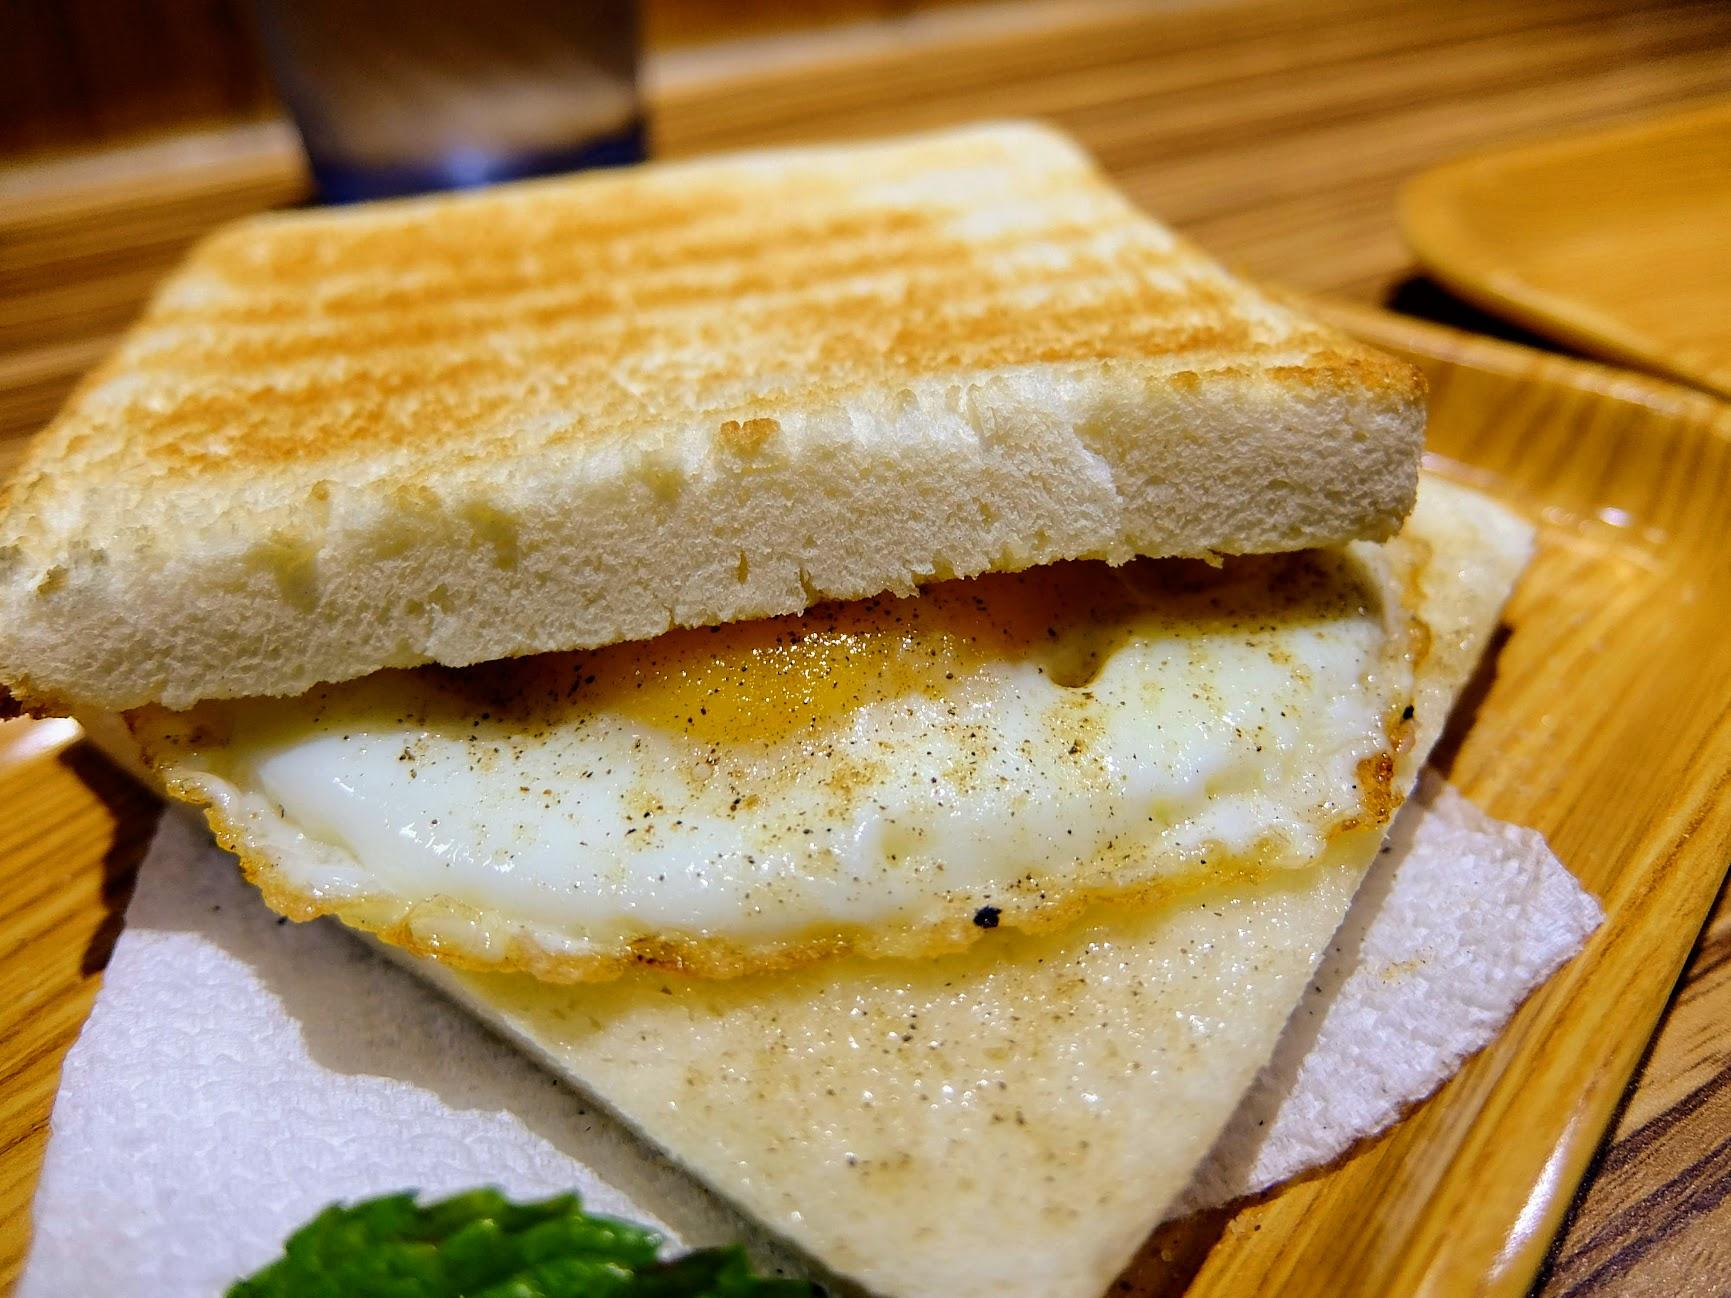 煎蛋吐司,二片土司烤的很酥脆,中間夾著半熟蛋